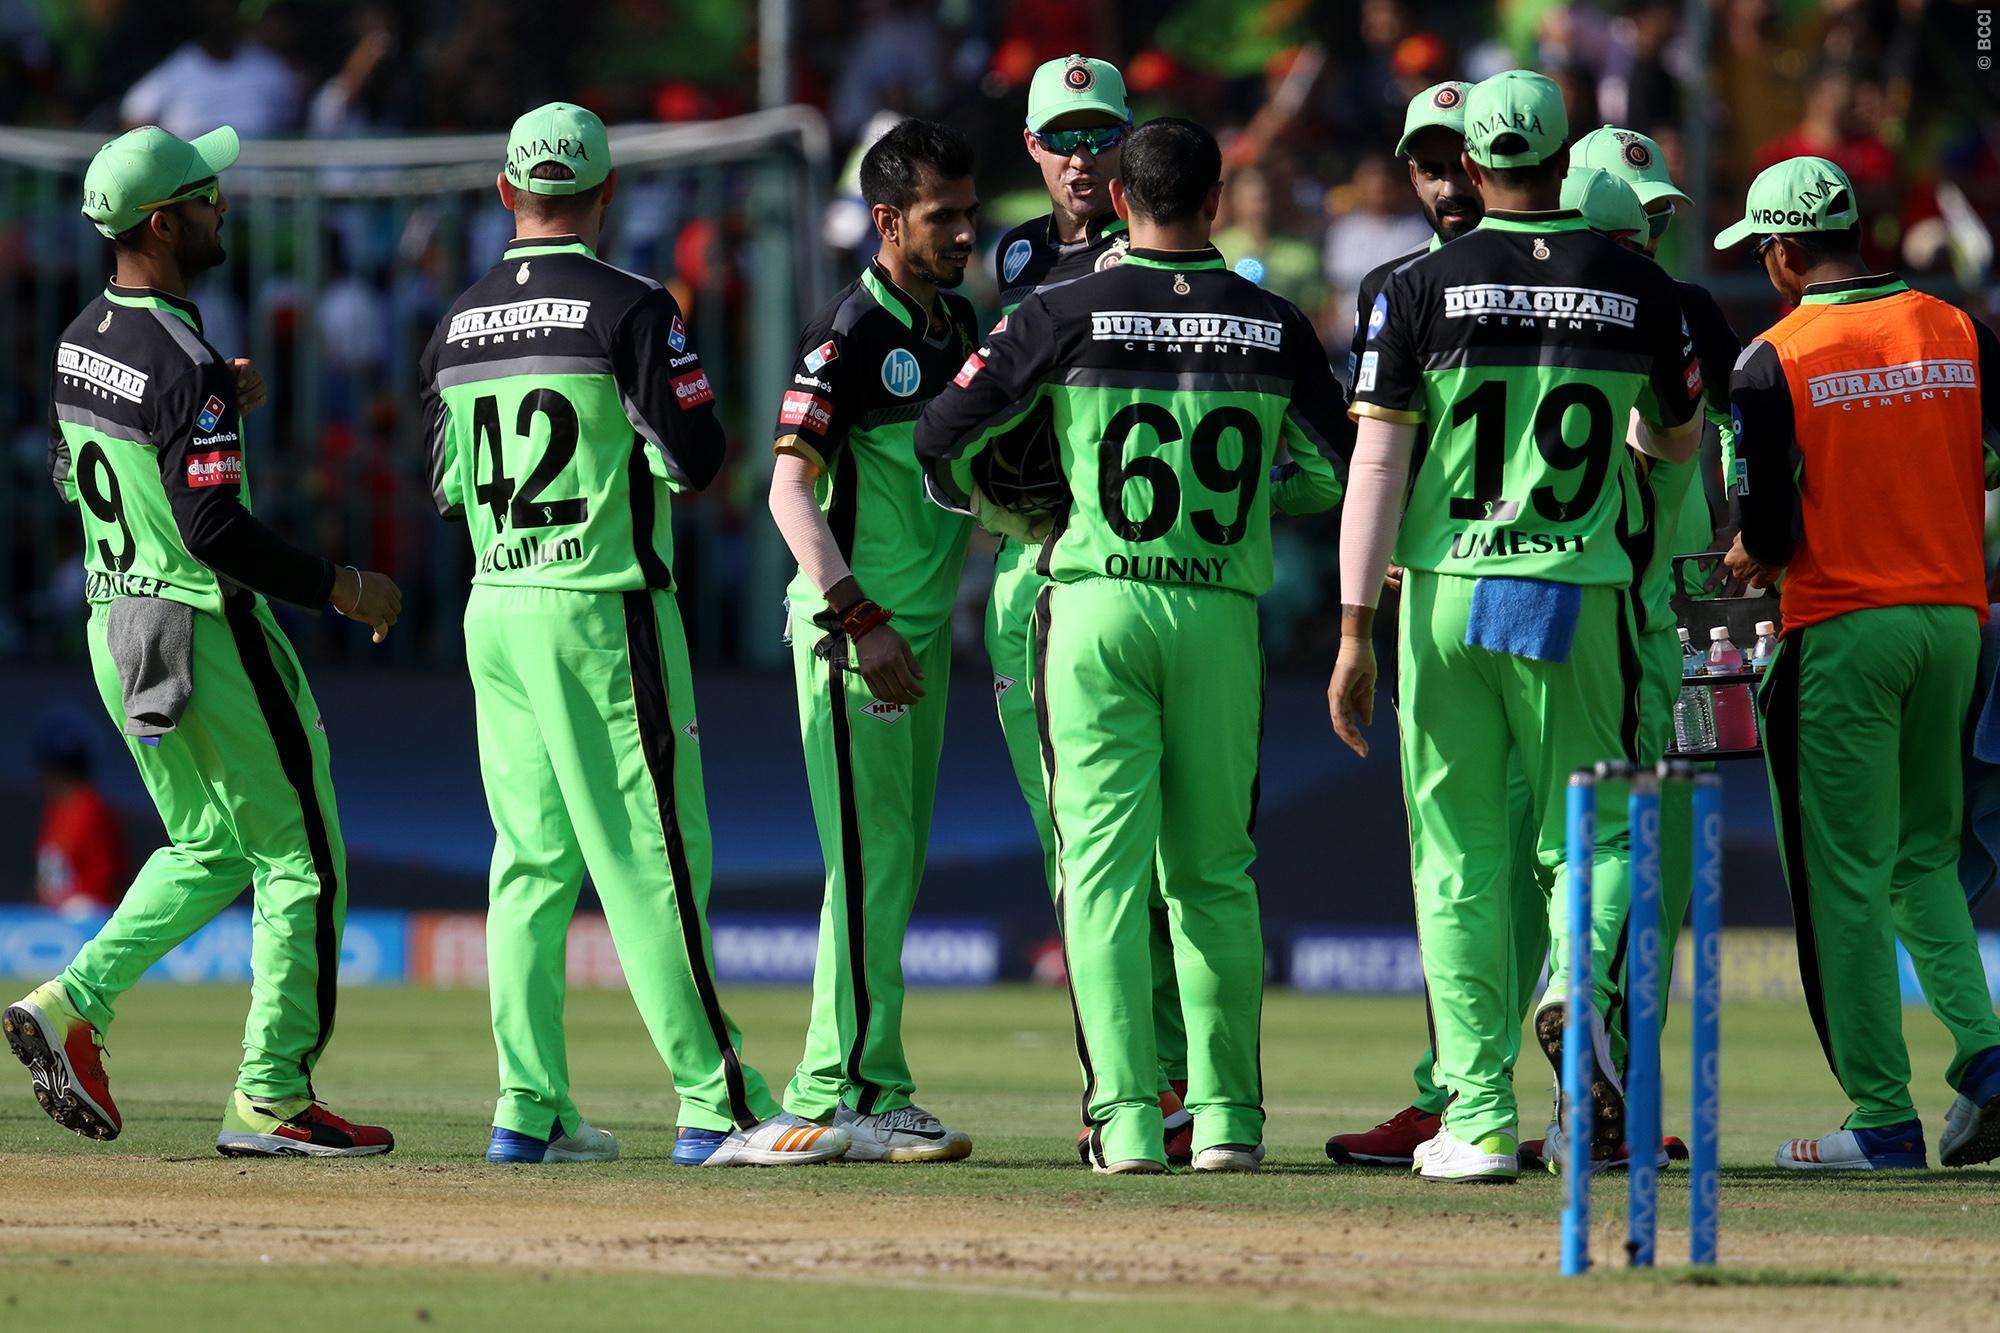 IPL 2018- मैच के शुरू होने से पहले ही विराट कोहली की इस गलती की वजह से बैंगलोर ने गंवाया मैच